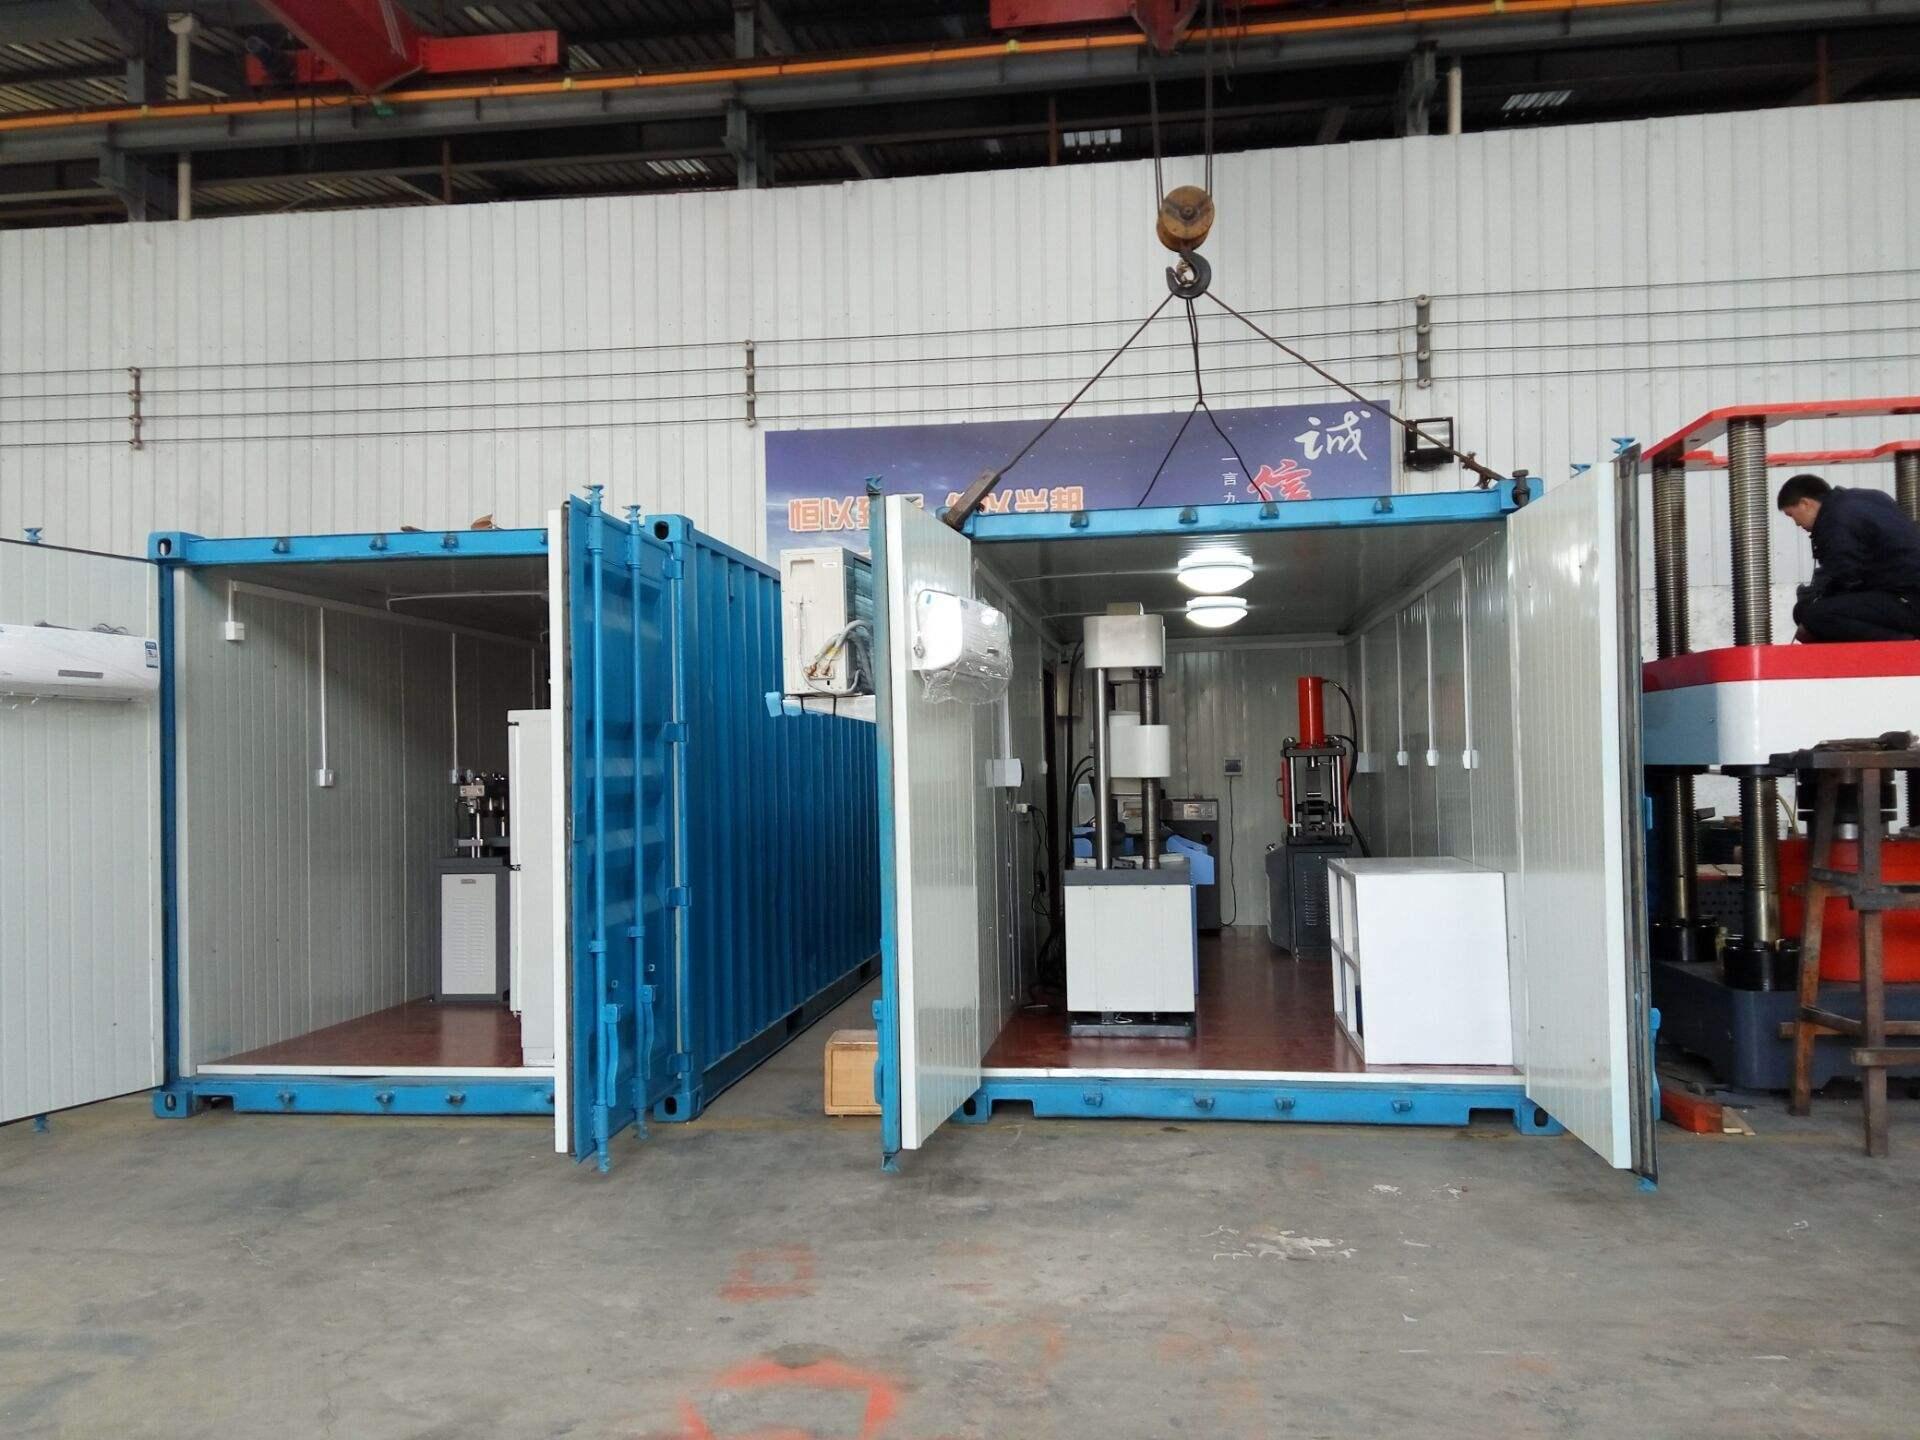 集装箱式流动竞博jboapp室